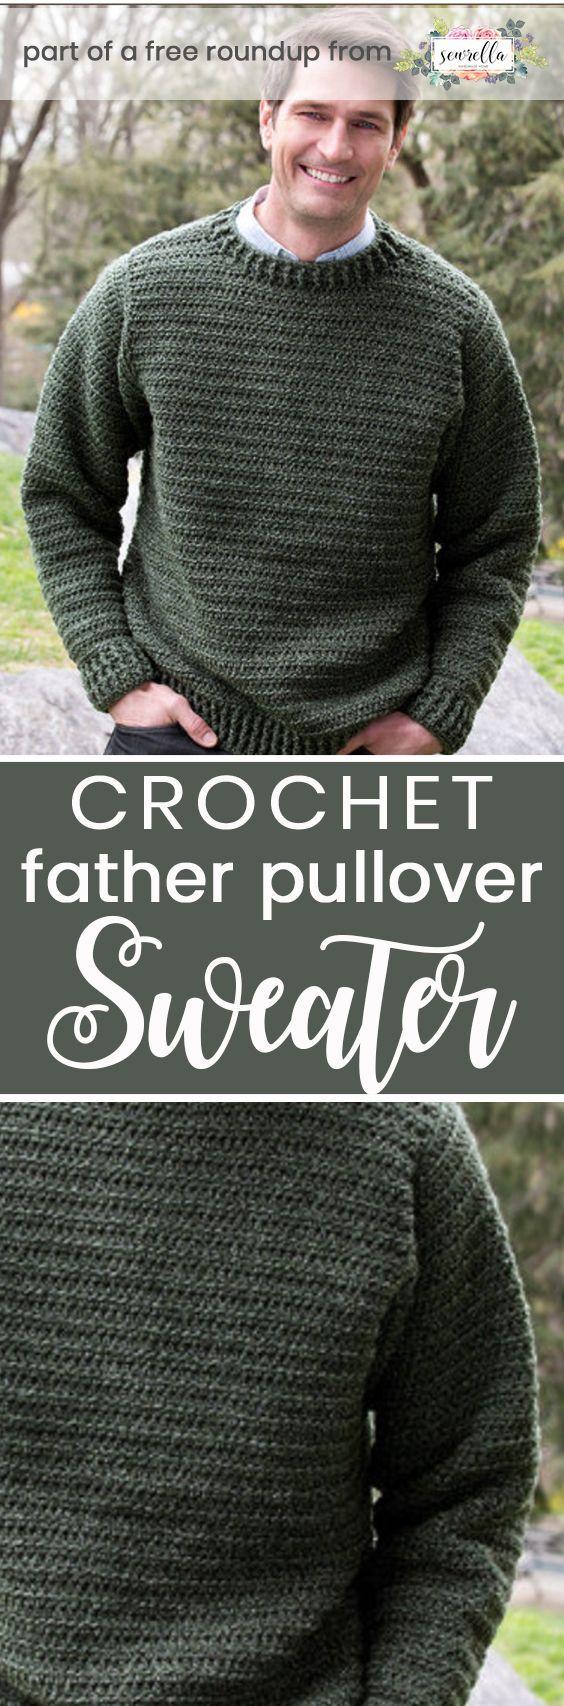 Husband-Approved Free Crochet Sweater Patterns | Moda crochet y Tejido